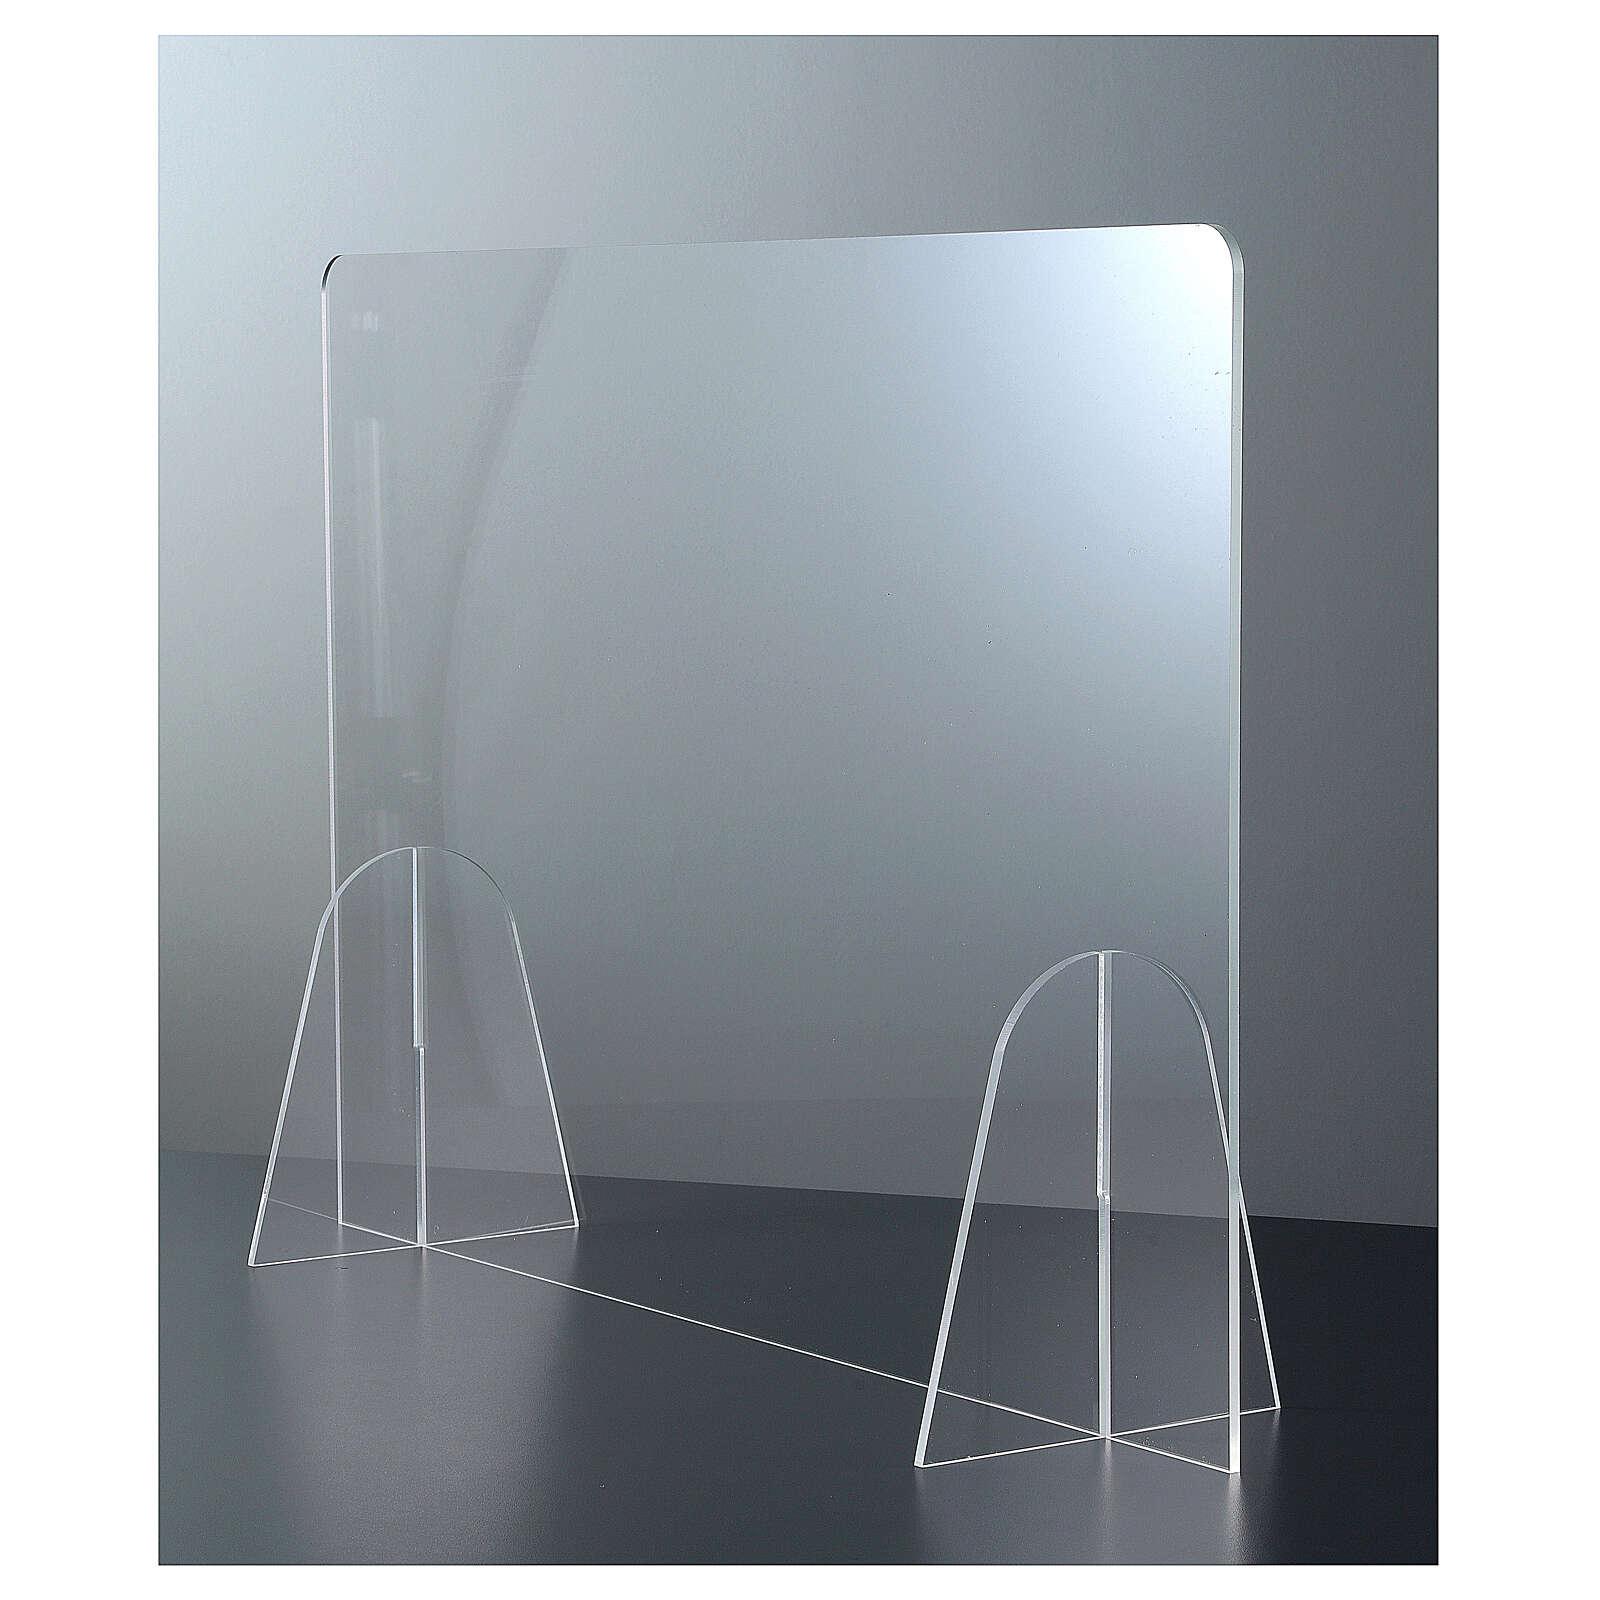 Panel anti-aliento Mesa Design Gota plexiglás h 50x140 3